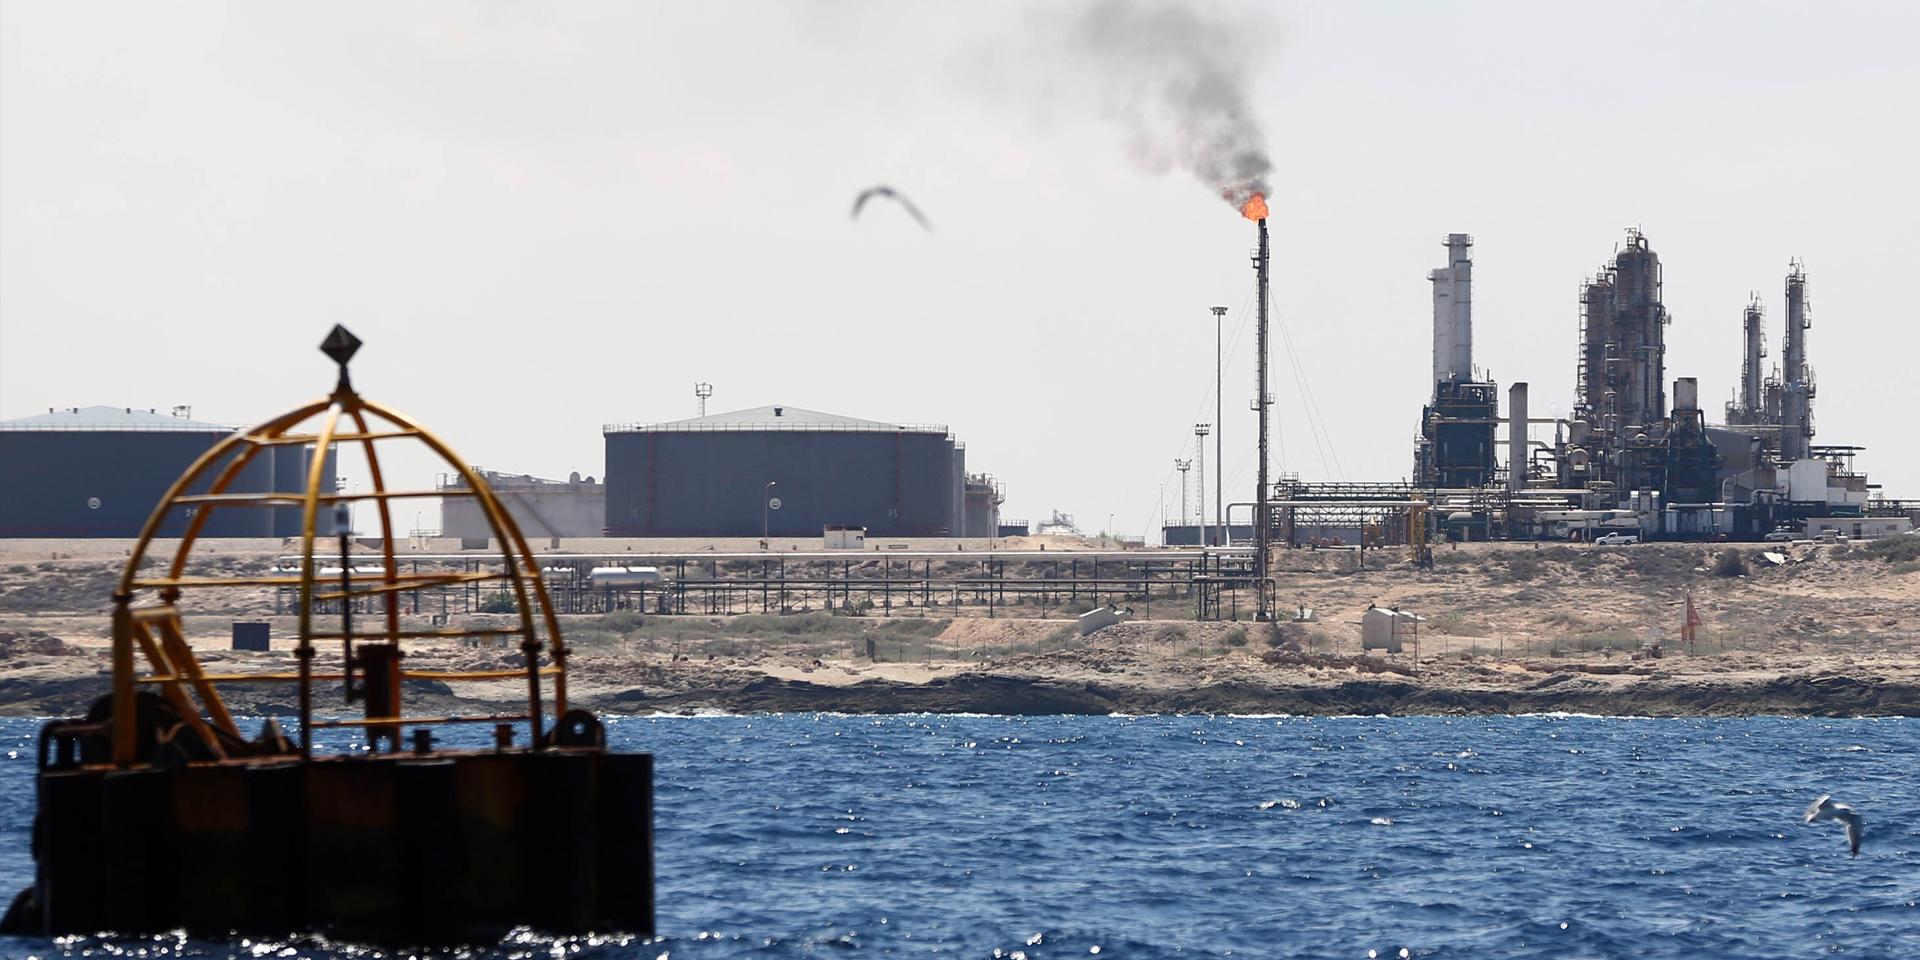 Sito Web di incontri sul campo petrolifero